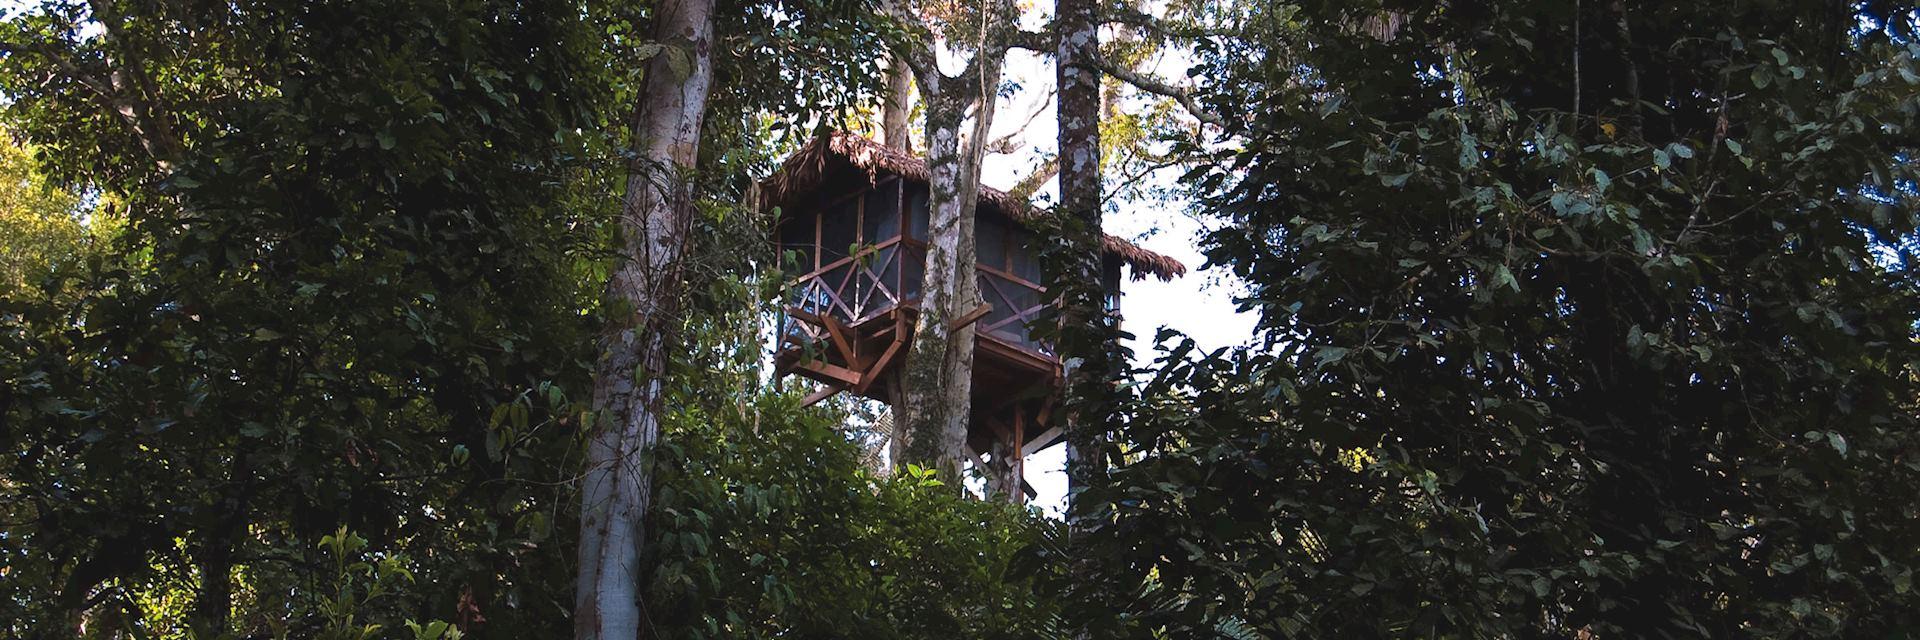 Canopy Tree house, Reserva Amazonica